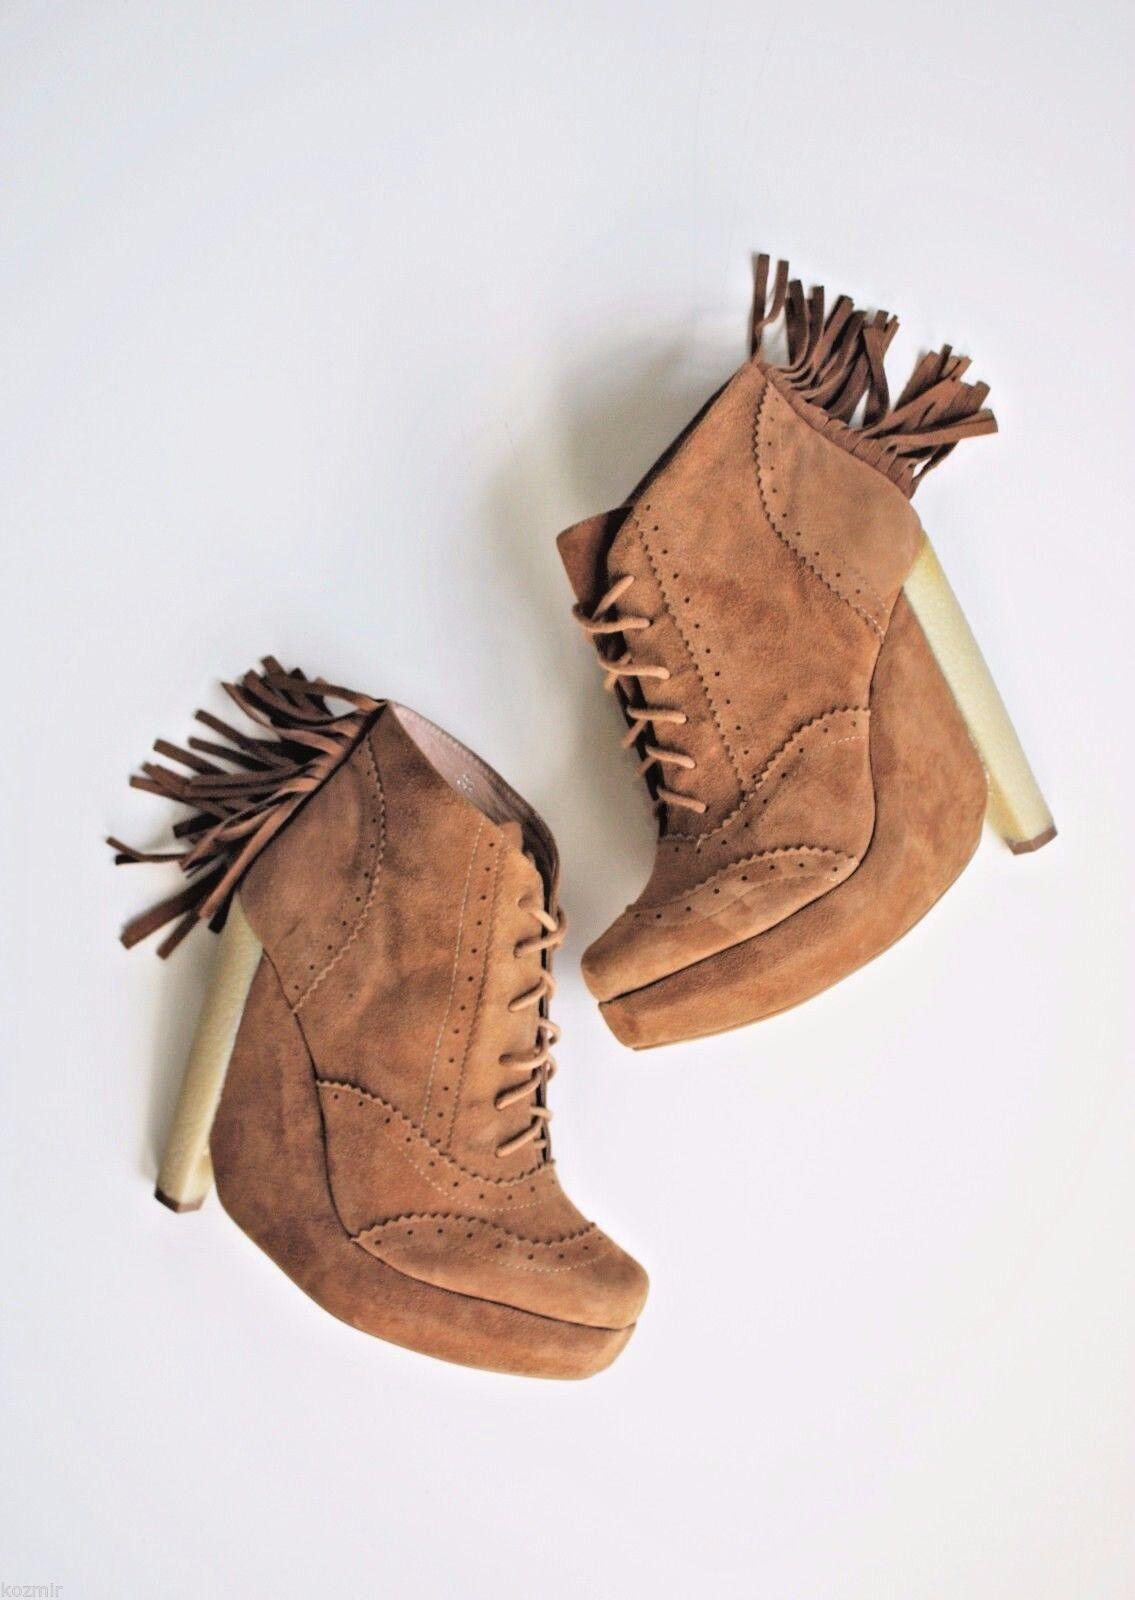 presentando tutte le ultime tendenze della moda Anthropologie scarpe PLOMO CELIA FRINGE FRINGE FRINGE avvioIES  319 Tan Suede 70s Boho Heels 7.5  risparmiare sulla liquidazione